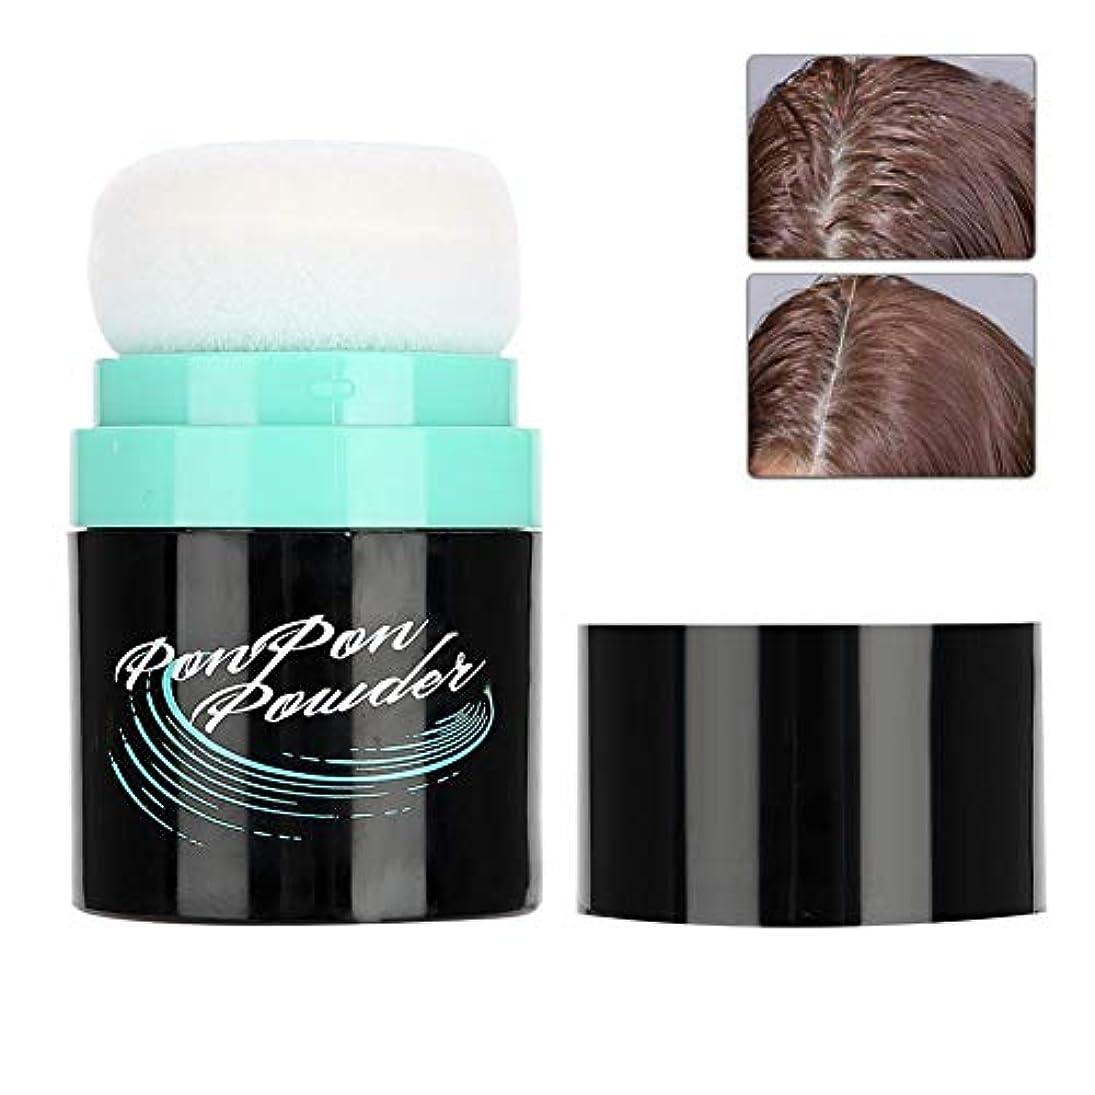 Semme髪ふわふわパウダー、ポータブルユニセックス増加スタイリングボリューム髪艶消しパウダーをモデリングキャプチャ